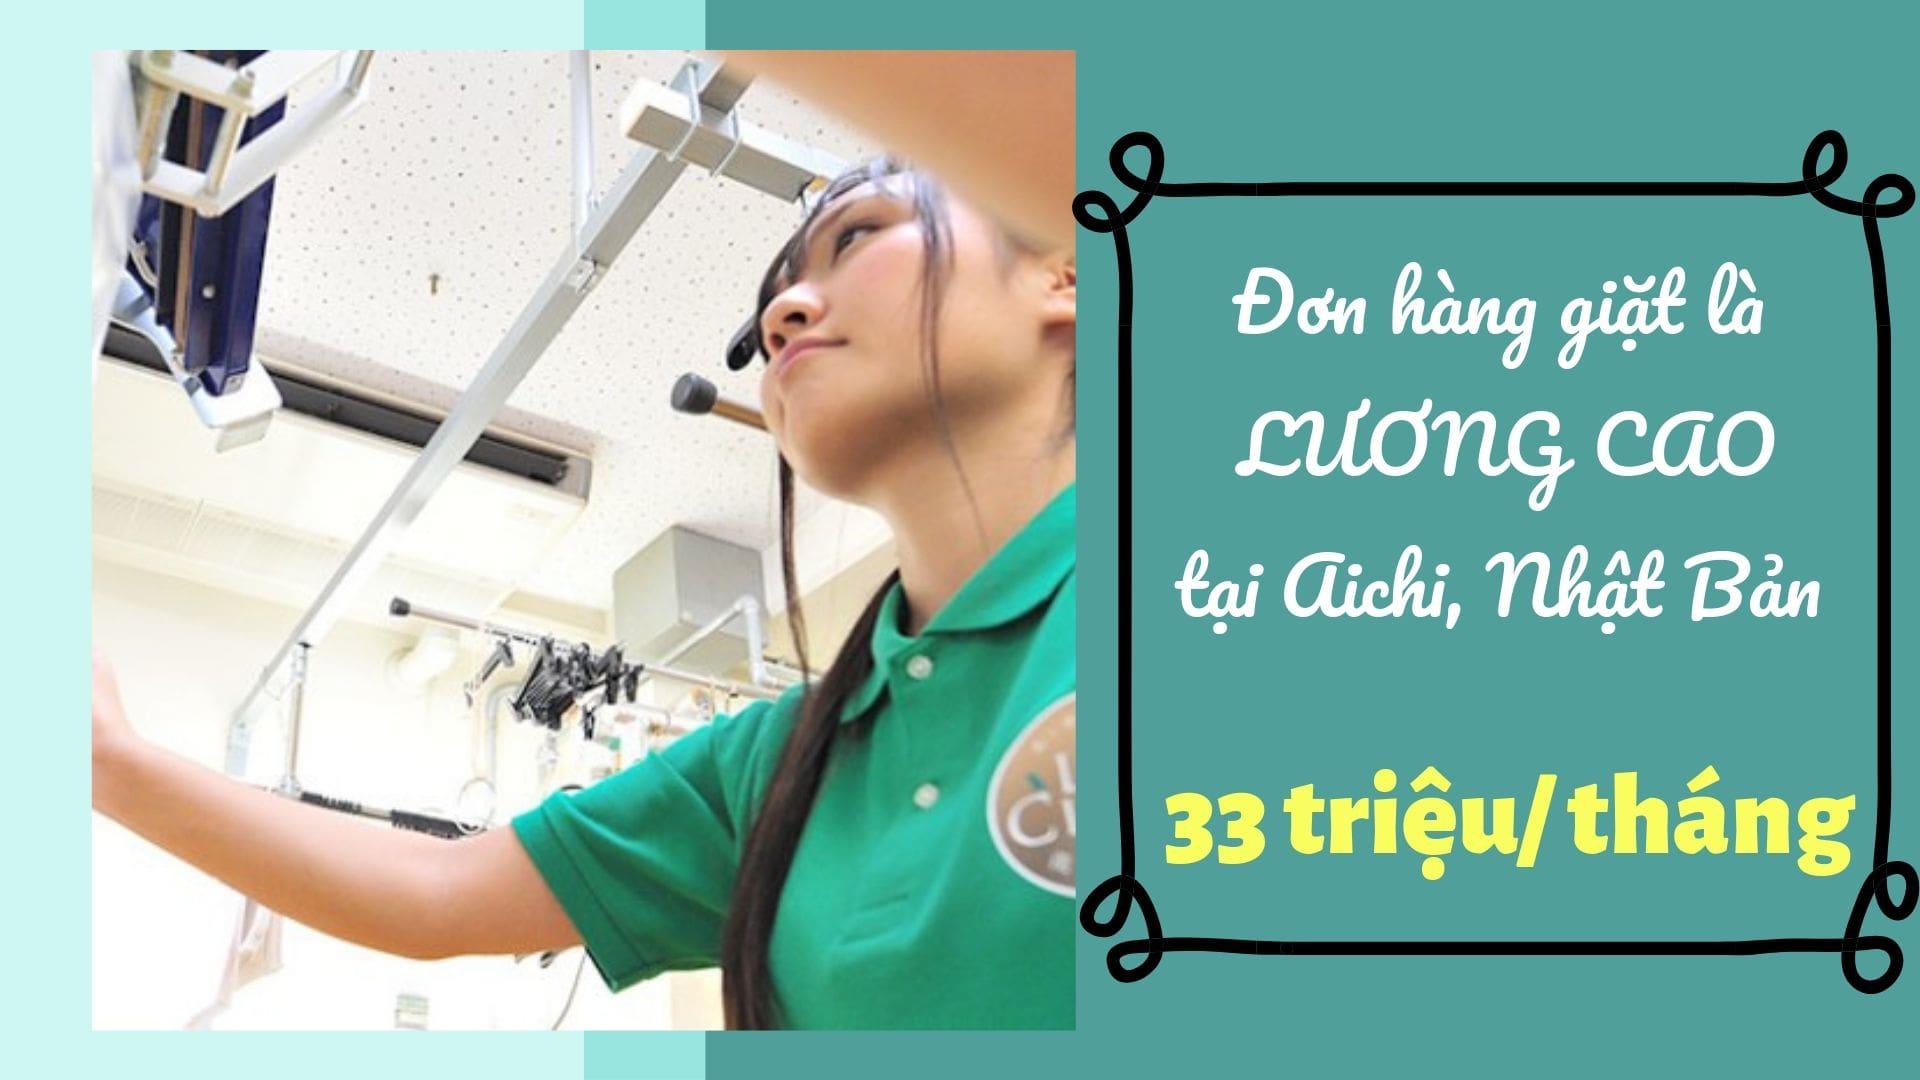 Cơ hội lớn cho 12 nữ đơn hàng giặt là LƯƠNG KHỦNG tại Aichi, Nhật Bản